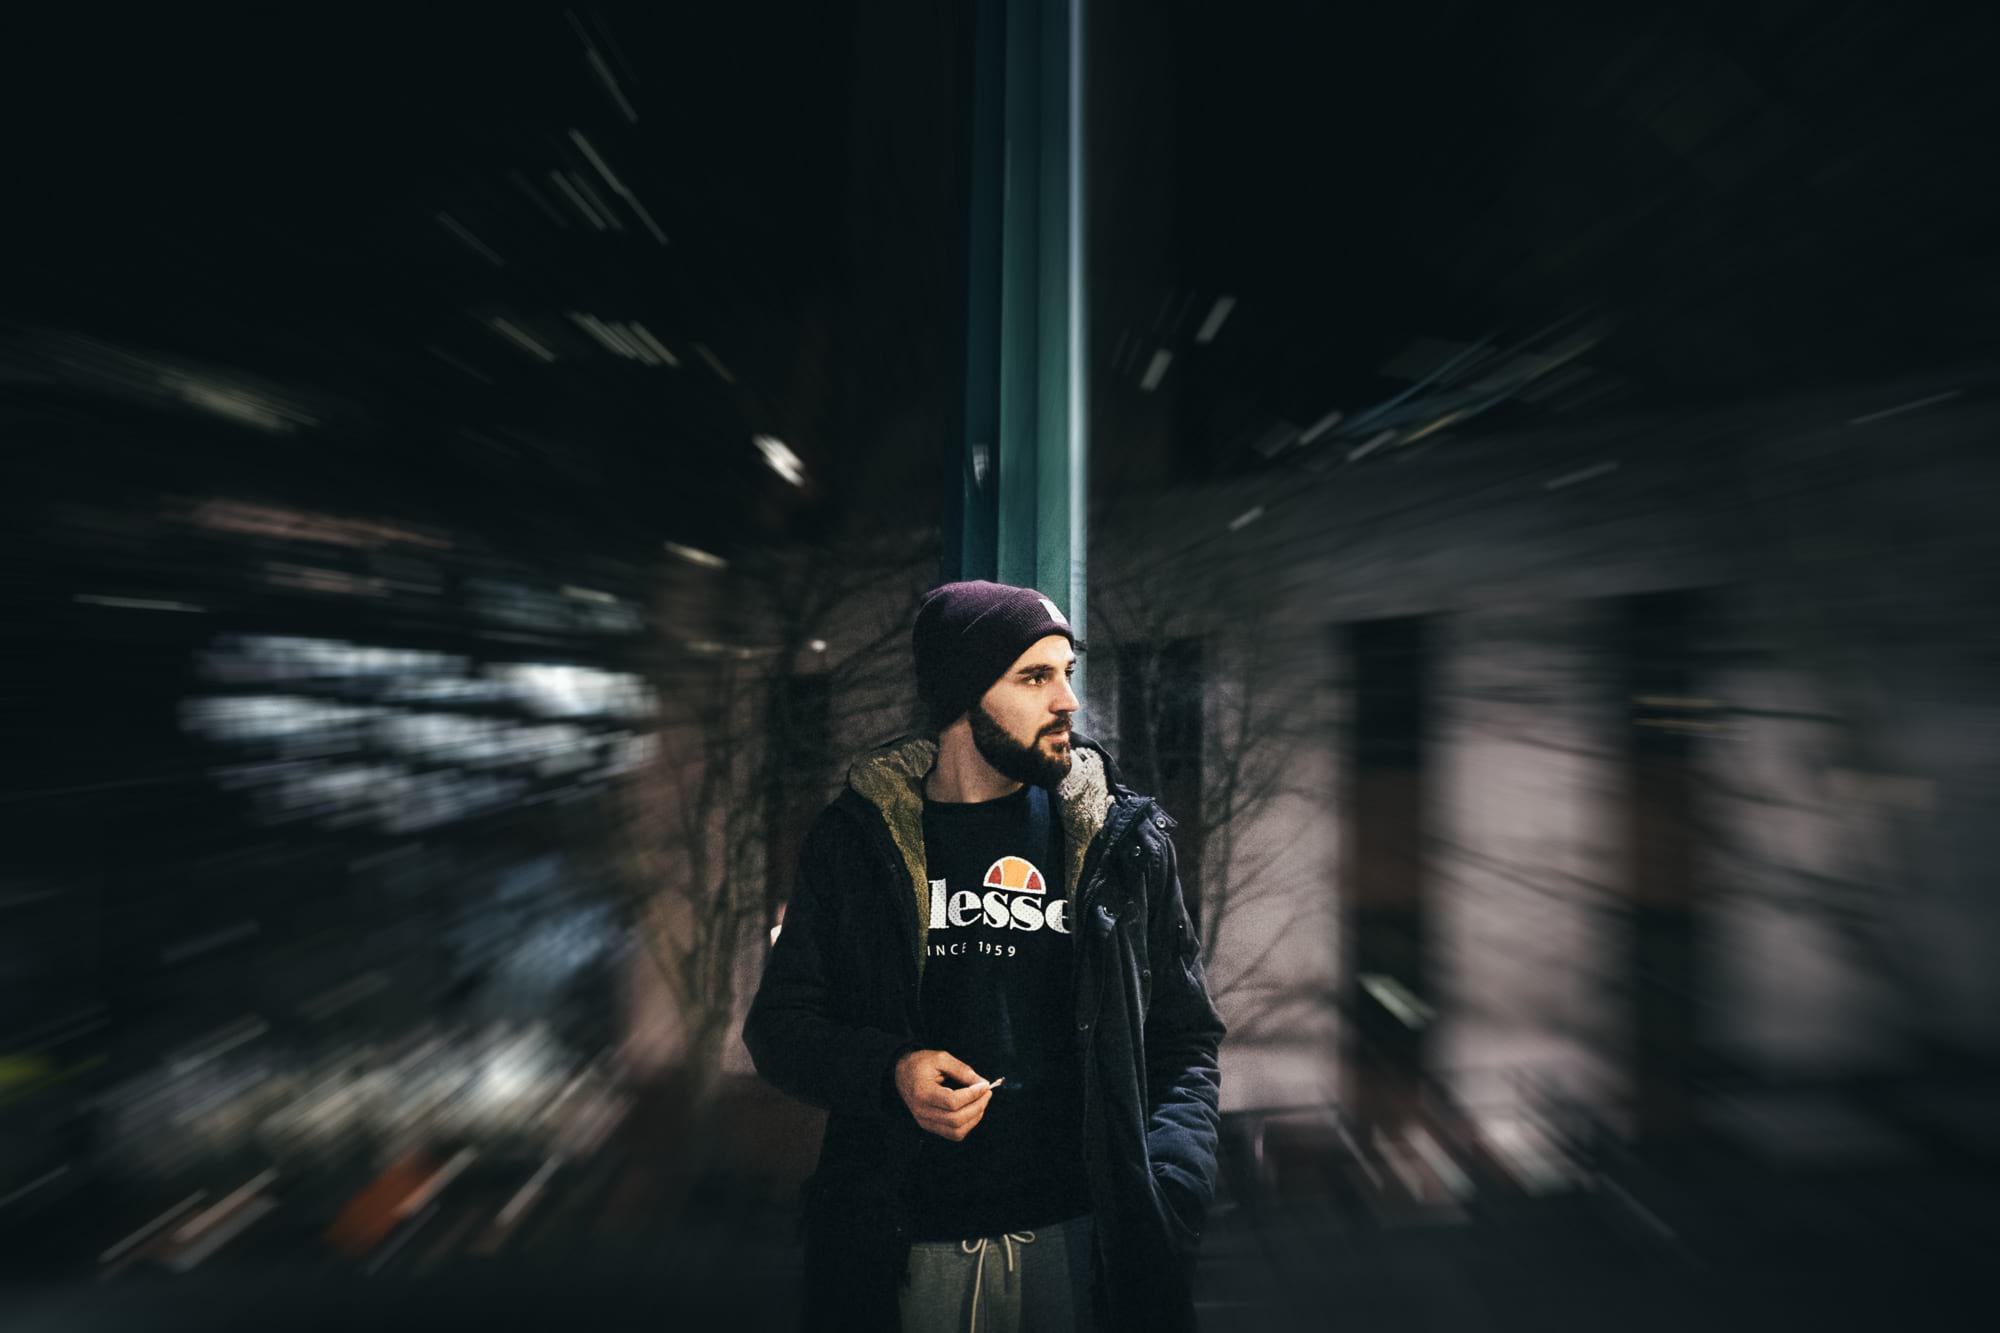 waltsmedia-portrait-hans-seattle-america-9